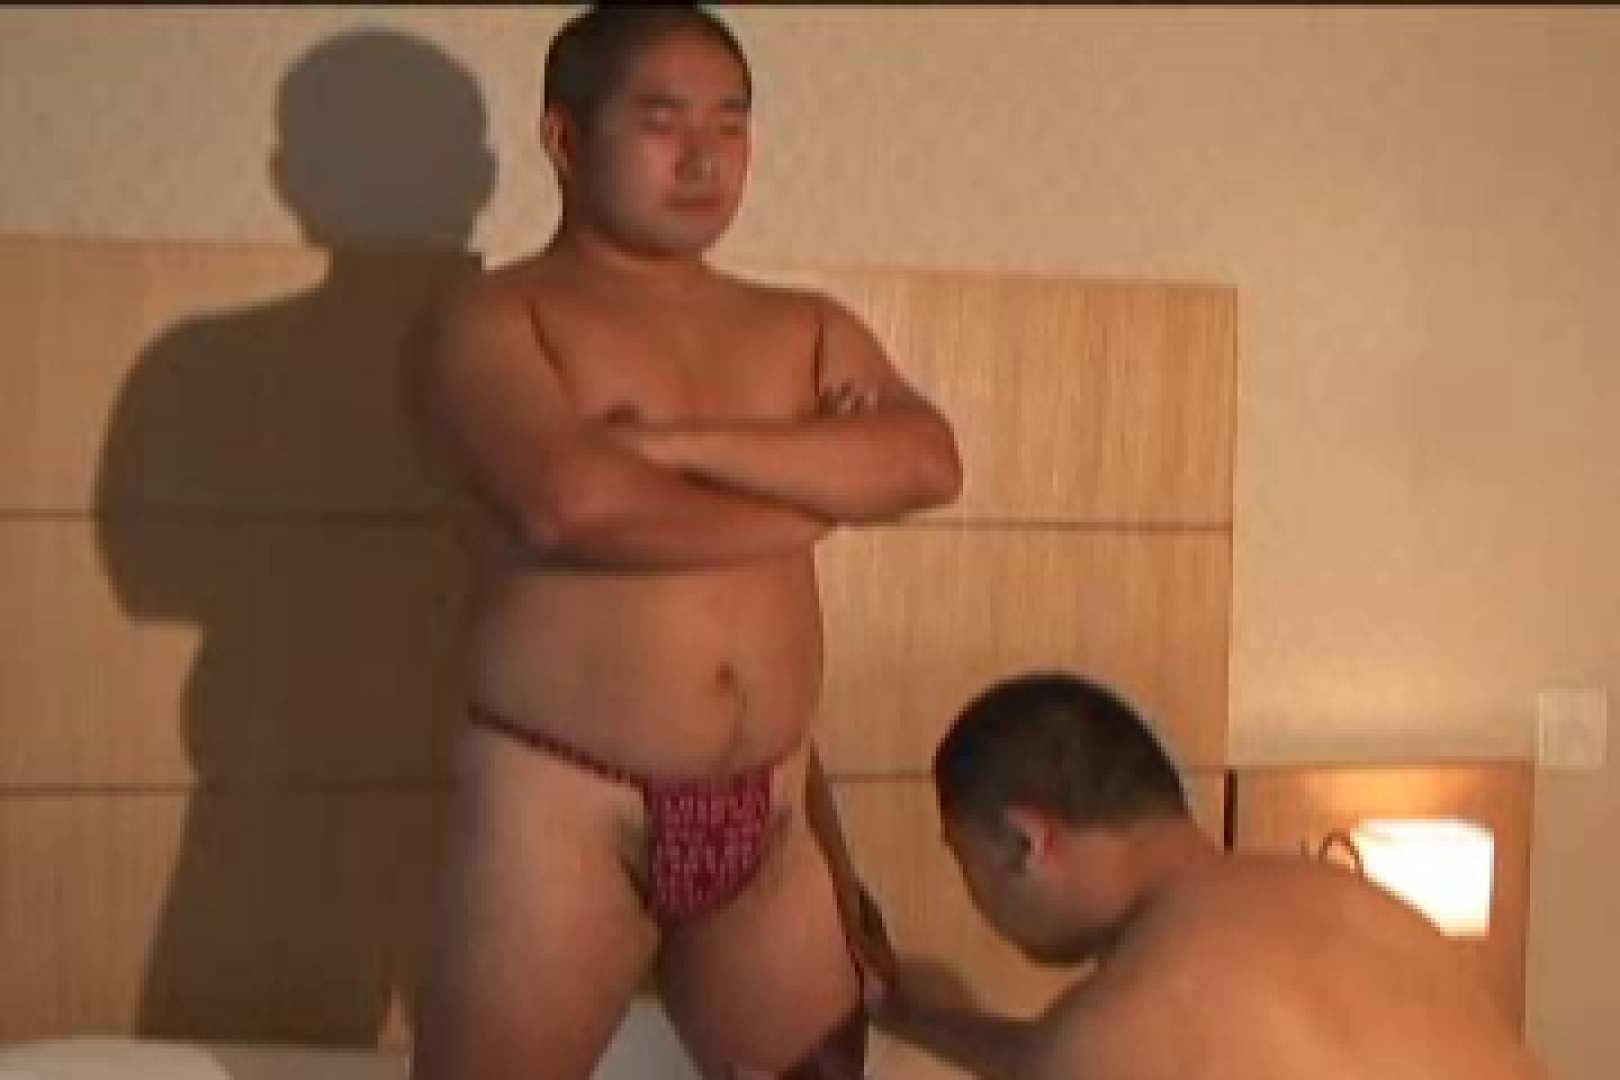 悶絶!!ケツマンFighters!! Part.02 顔面発射 ゲイエロ動画 95pic 34